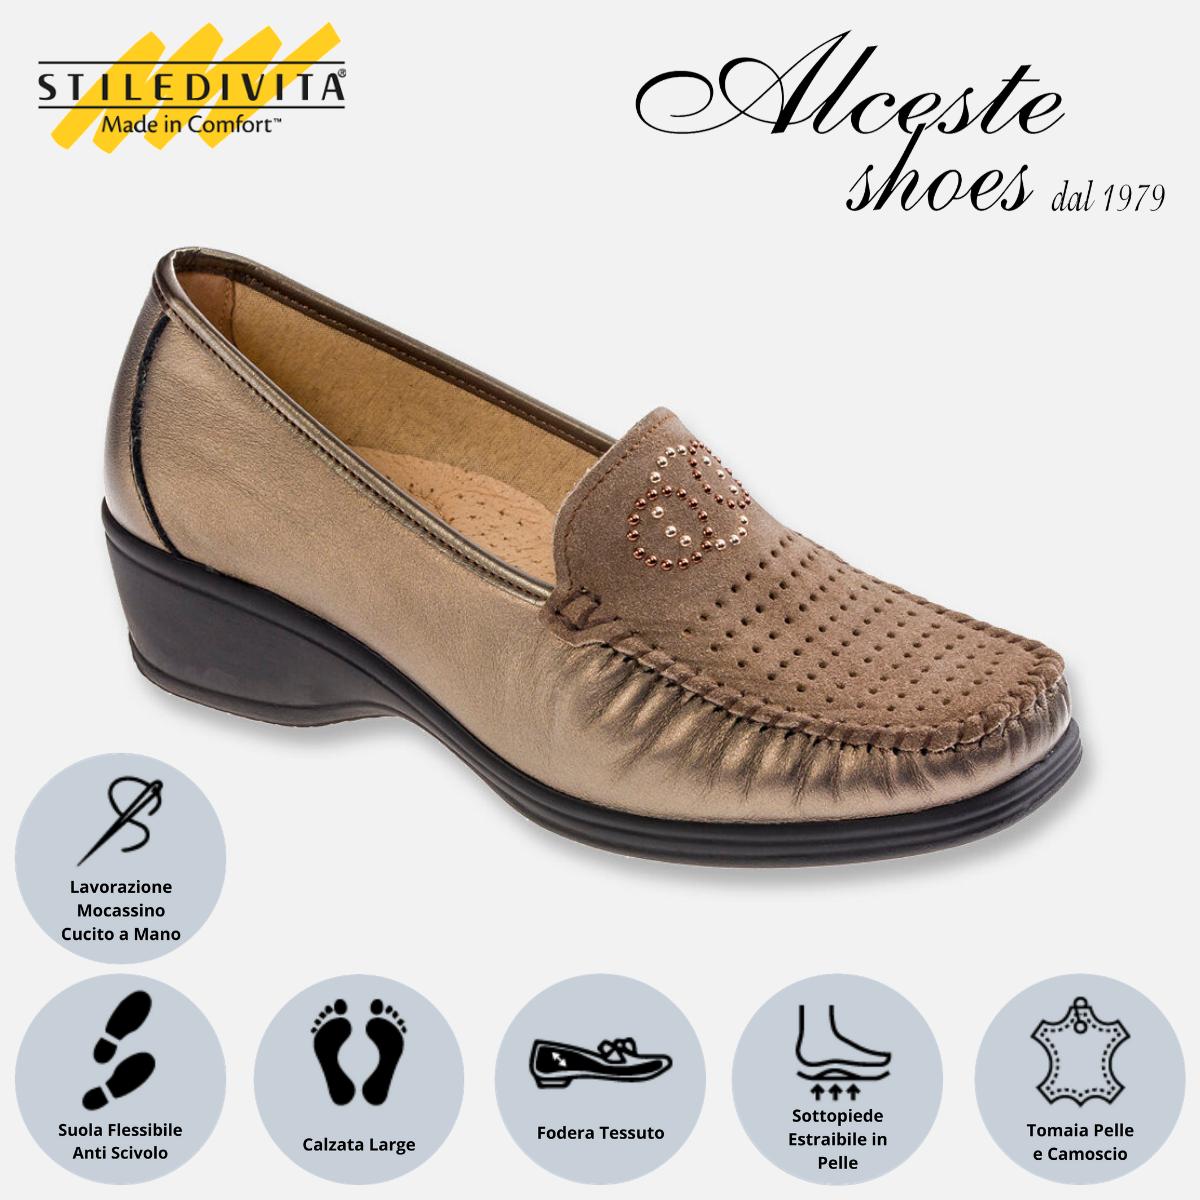 Mocassino Traforato Stiledivita Art. 7445 Pelle Bronzo e Camoscio Taupe Alceste Shoes 7445 Taupe